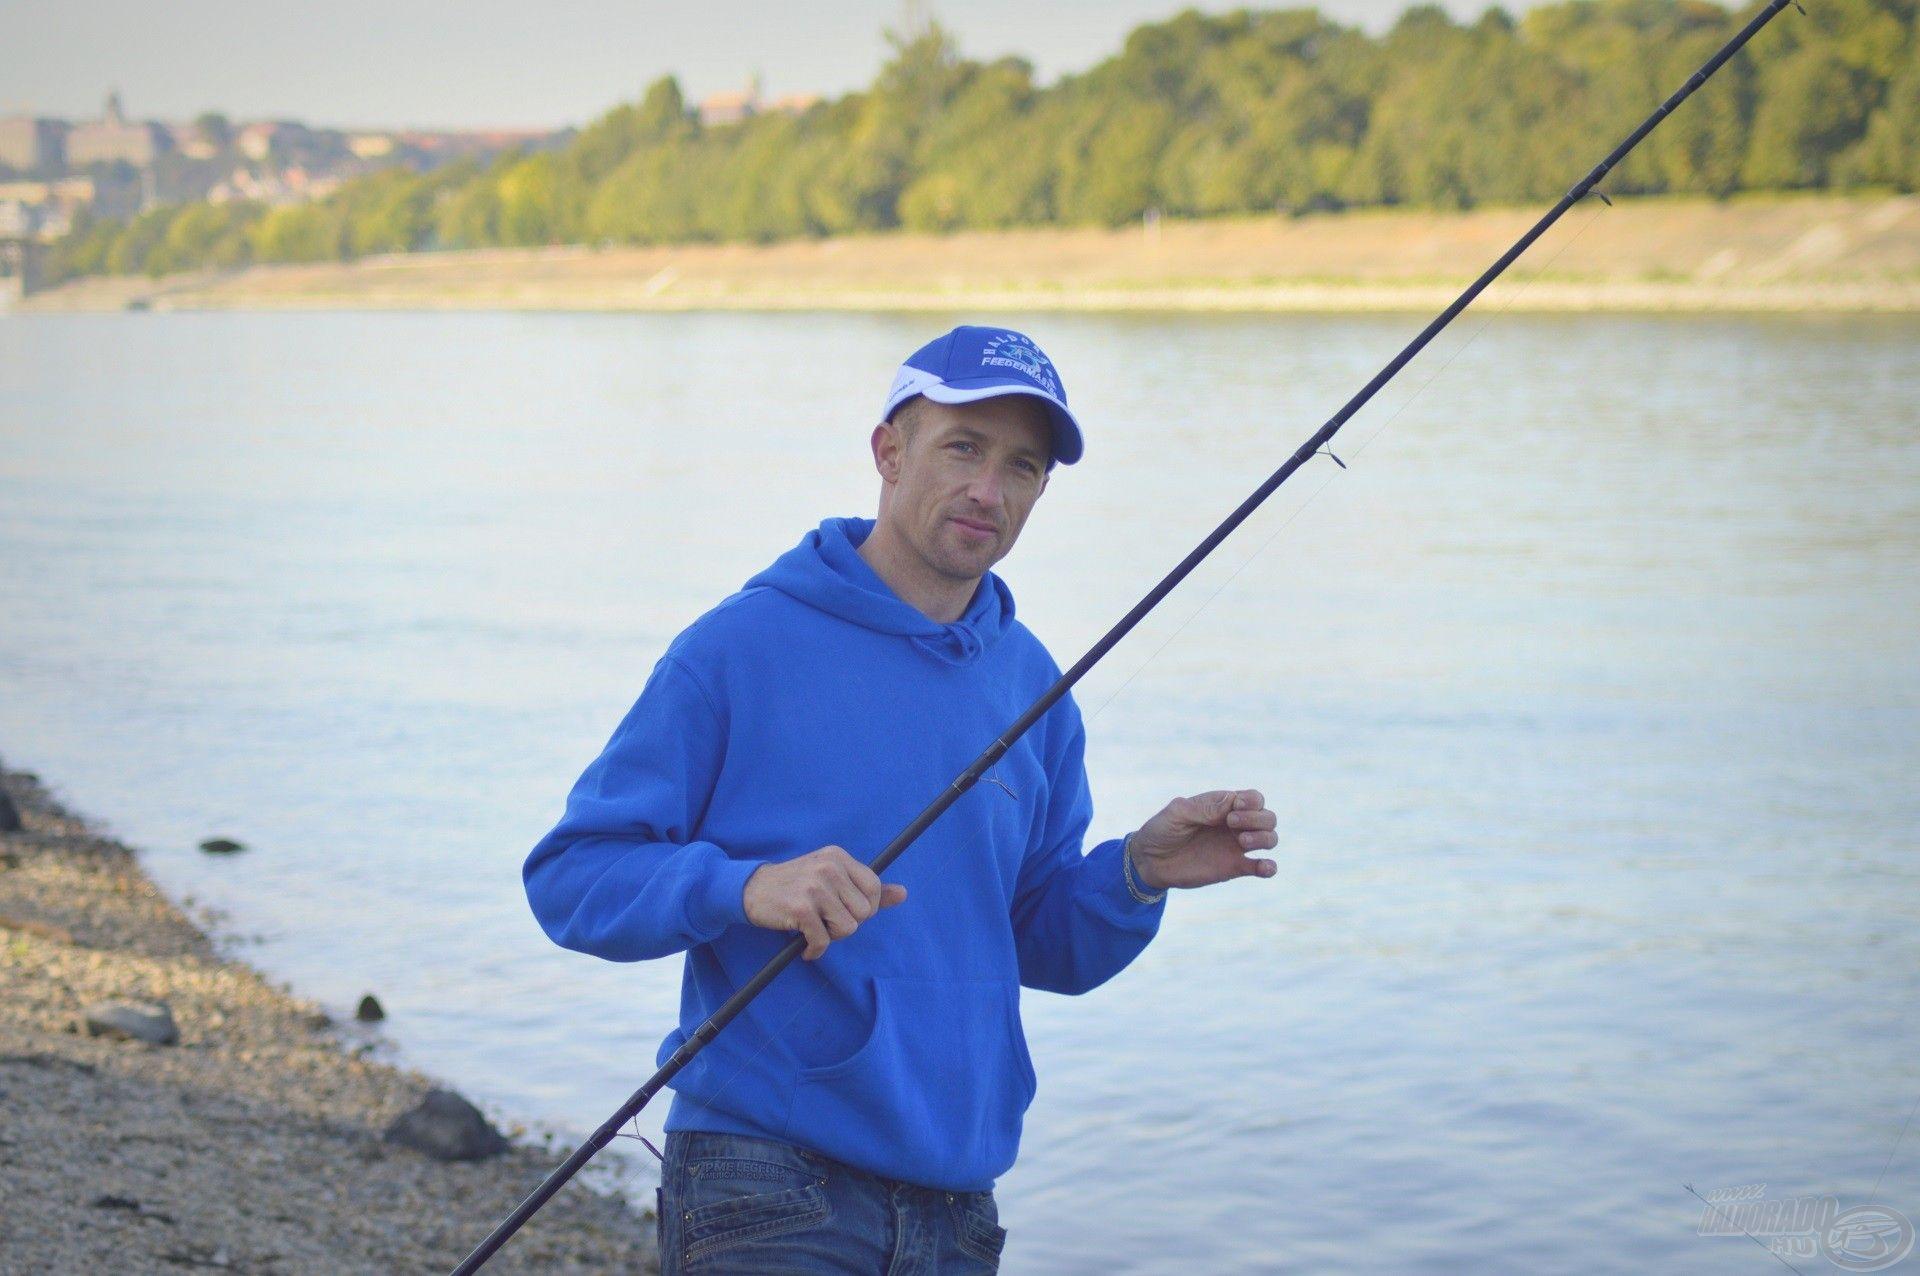 Kifejezetten jól éreztem magam a pesti Duna partján, nagyon régóta vártam egy újabb fővárosi horgászatot